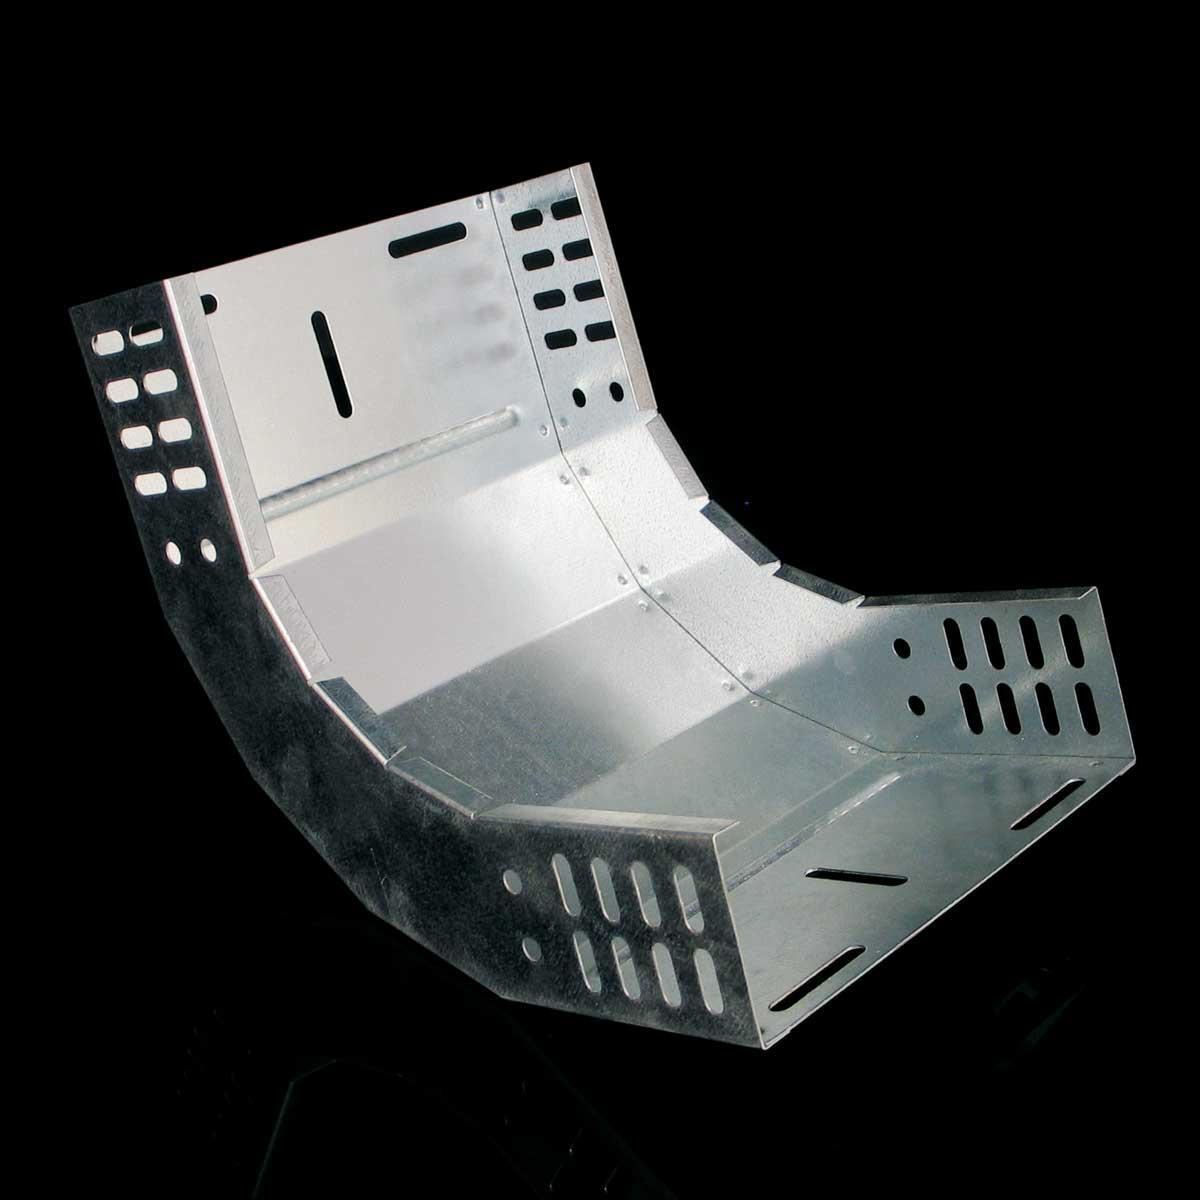 Поворот вертикальний внутрішній 90° JUPITER; розміри-110x600x295mm Товщ. метал-1,2 Вага-3,39кг/м